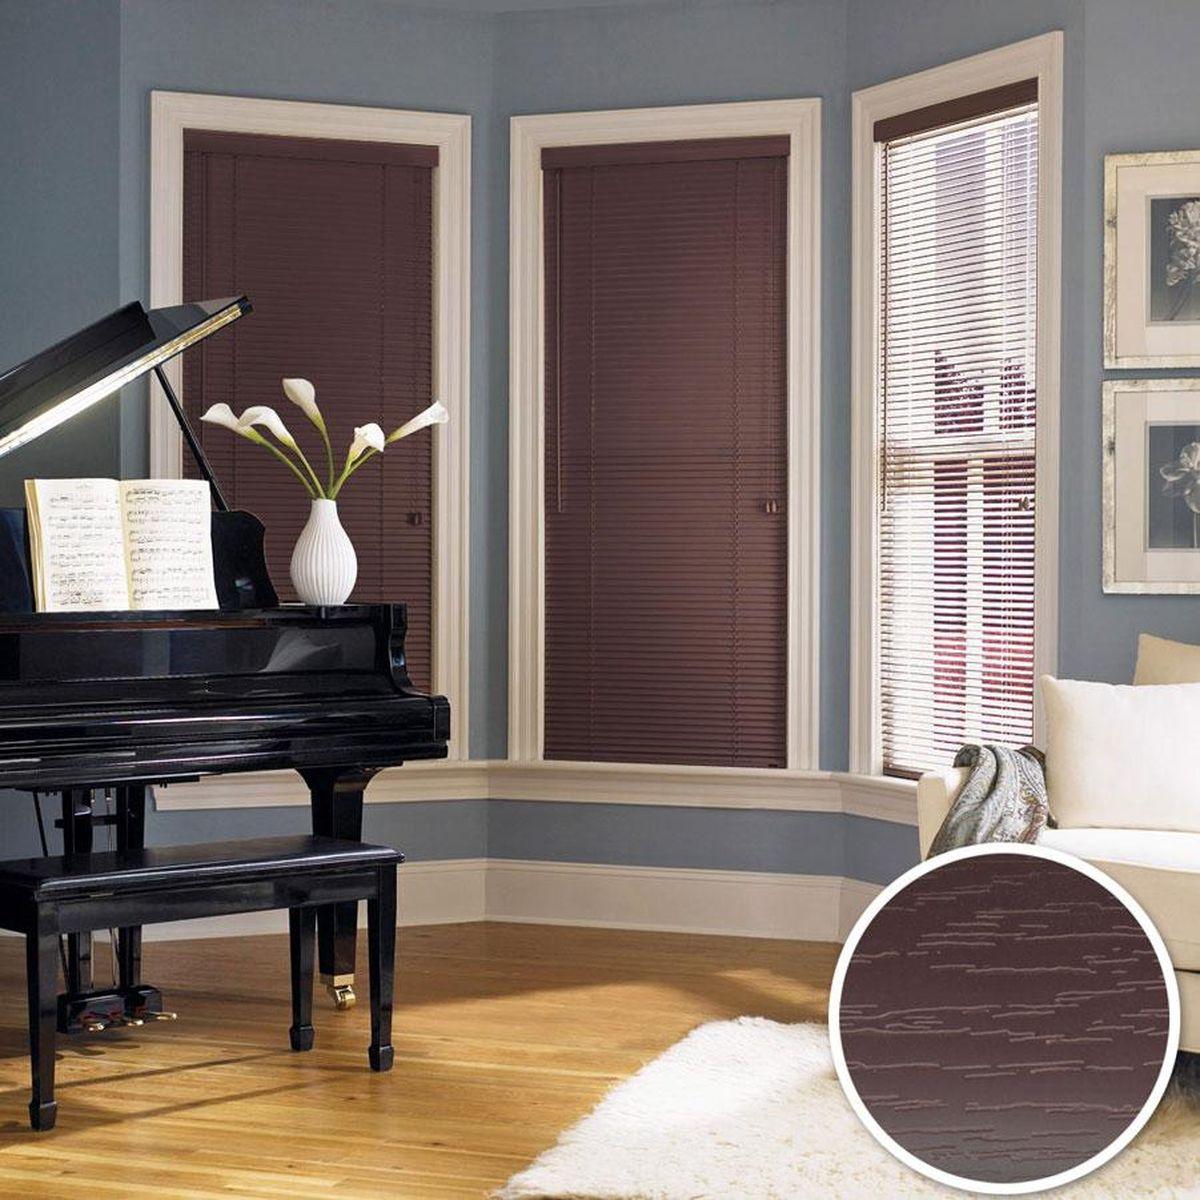 Жалюзи Эскар, цвет: темный кофе, ширина 160 см, высота 160 смRC-100BWCДля того чтобы придать интерьеру изюминку и завершенность, нет ничего лучше, чем использовать жалюзи на окнах квартиры, дома или офиса. С их помощью можно подчеркнуть индивидуальный вкус, а также стилевое оформление помещения. Помимо декоративных функций, жалюзи выполняют и практические задачи: они защищают от излишнего солнечного света, не дают помещению нагреваться, а также создают уют в темное время суток.Пластиковые жалюзи - самое универсальное и недорогое решение для любого помещения. Купить их может каждый, а широкий выбор размеров под самые популярные габариты сделает покупку простой и удобной. Пластиковые жалюзи имеют высокие эксплуатационные характеристики - они гигиеничны, что делает их незаменимыми при монтаже в детских и медицинских учреждениях.